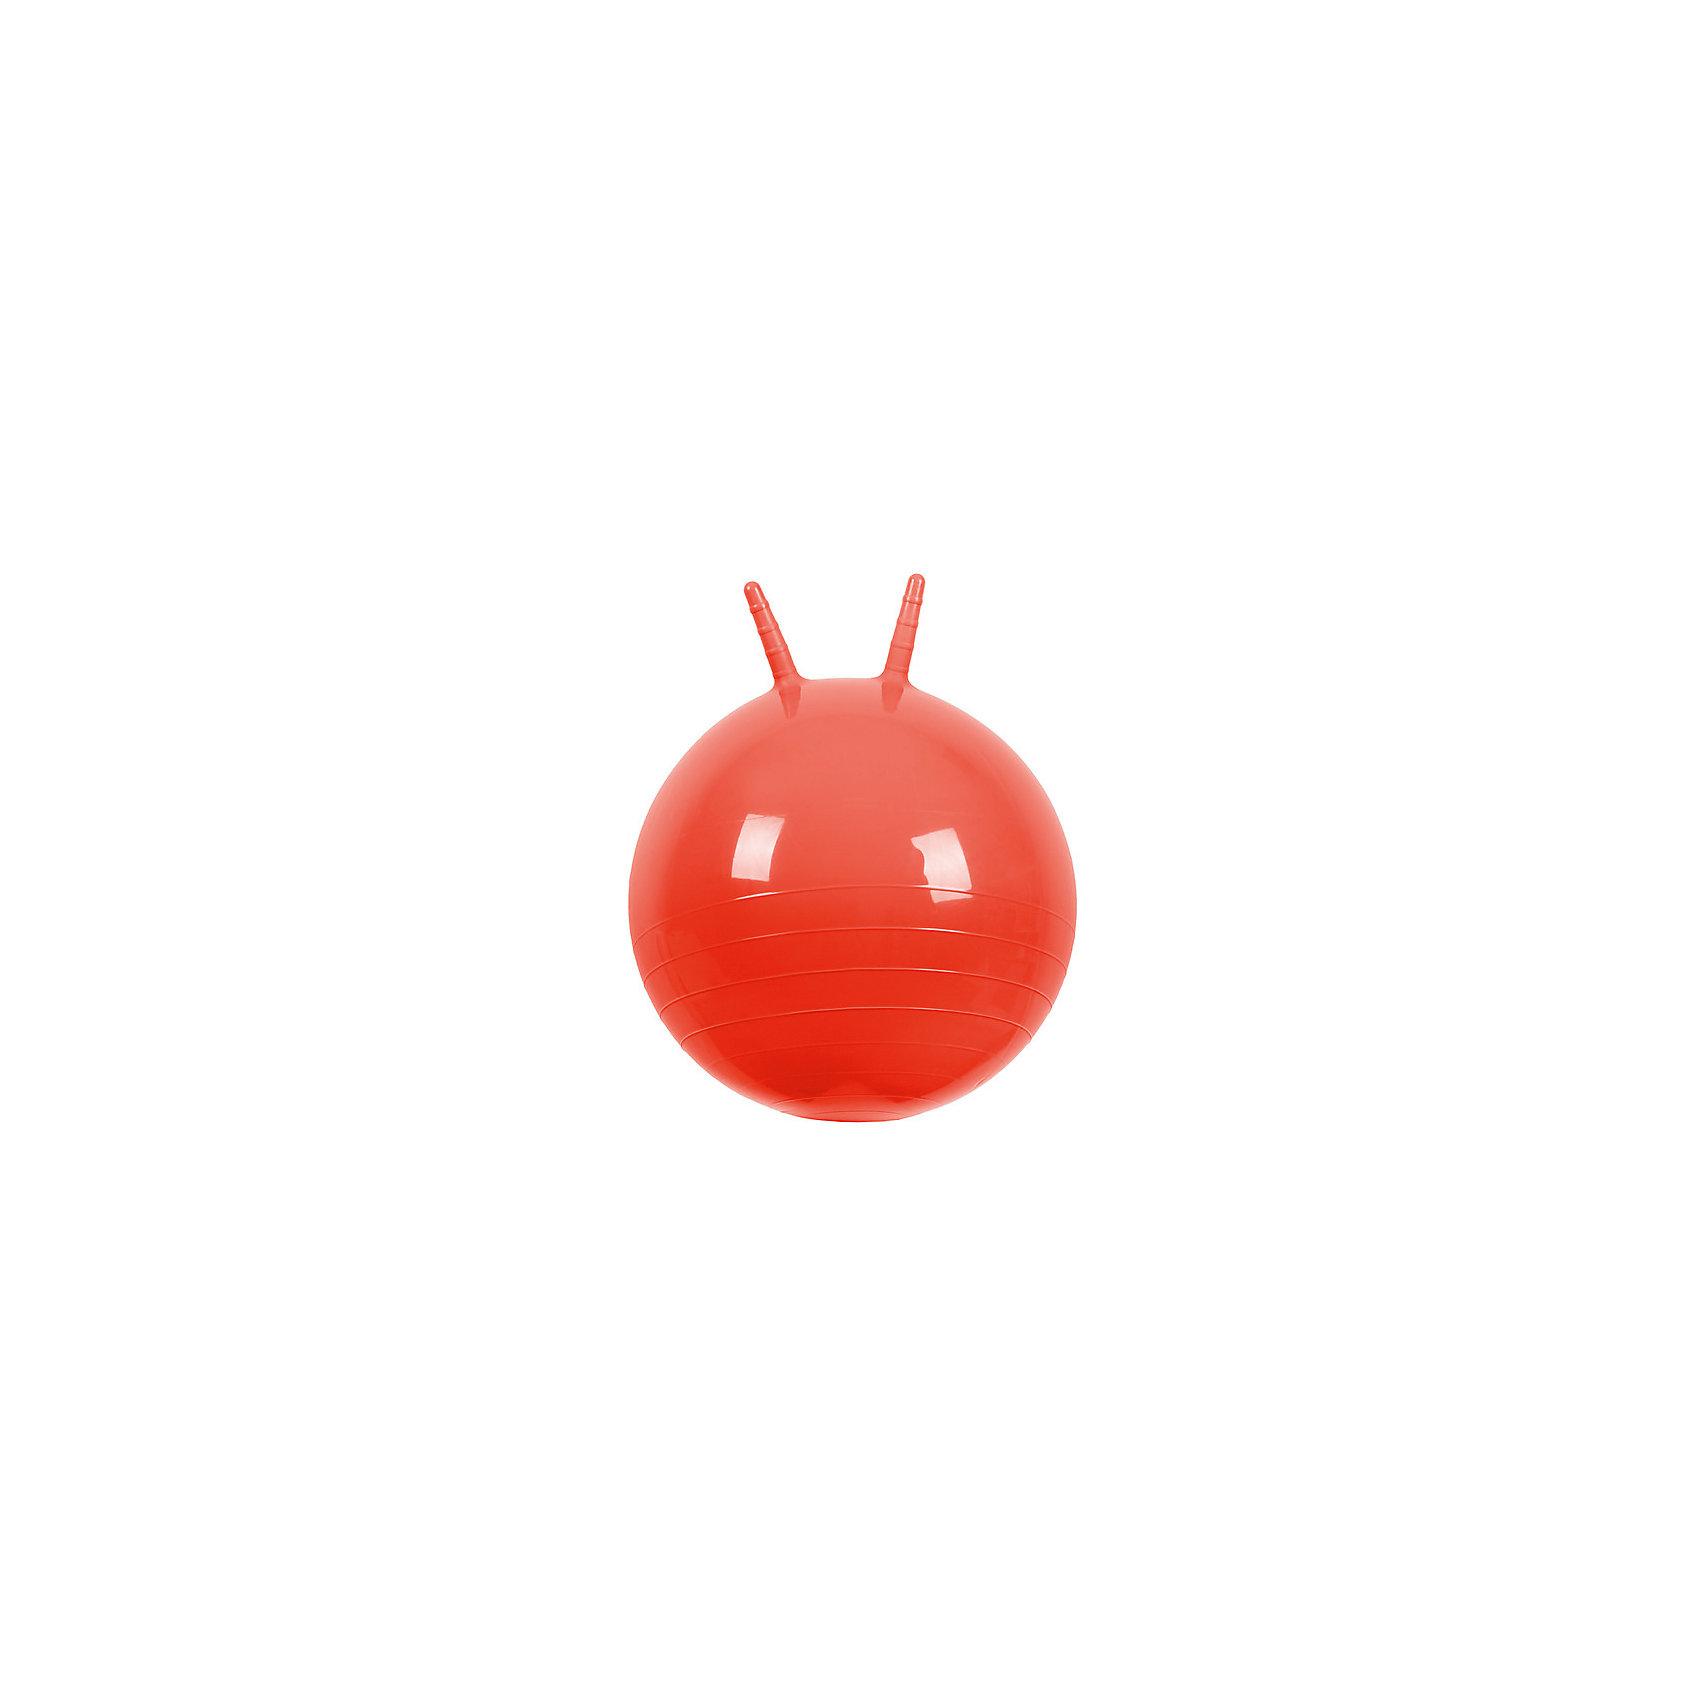 Мяч Прыгун с рожками, 50 cм, красный, МалышОКПрыгуны и джамперы<br><br><br>Ширина мм: 122<br>Глубина мм: 153<br>Высота мм: 254<br>Вес г: 700<br>Возраст от месяцев: 48<br>Возраст до месяцев: 2147483647<br>Пол: Унисекс<br>Возраст: Детский<br>SKU: 6767718